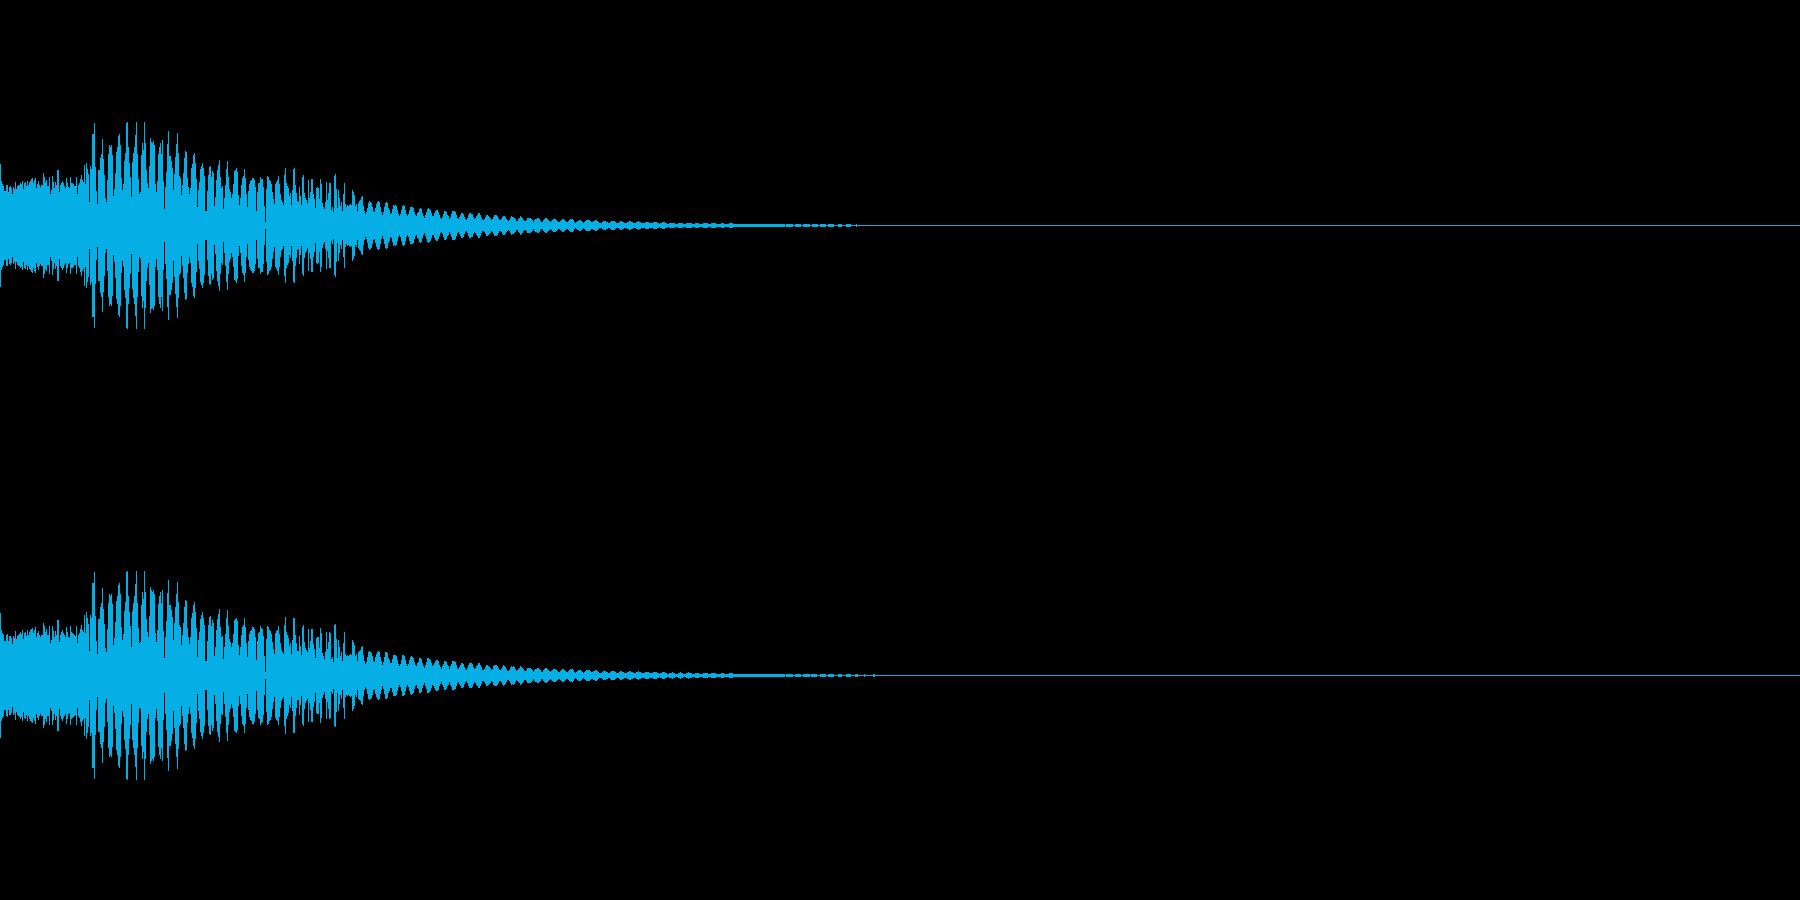 短いマリンバ着信音とバイブ音の再生済みの波形